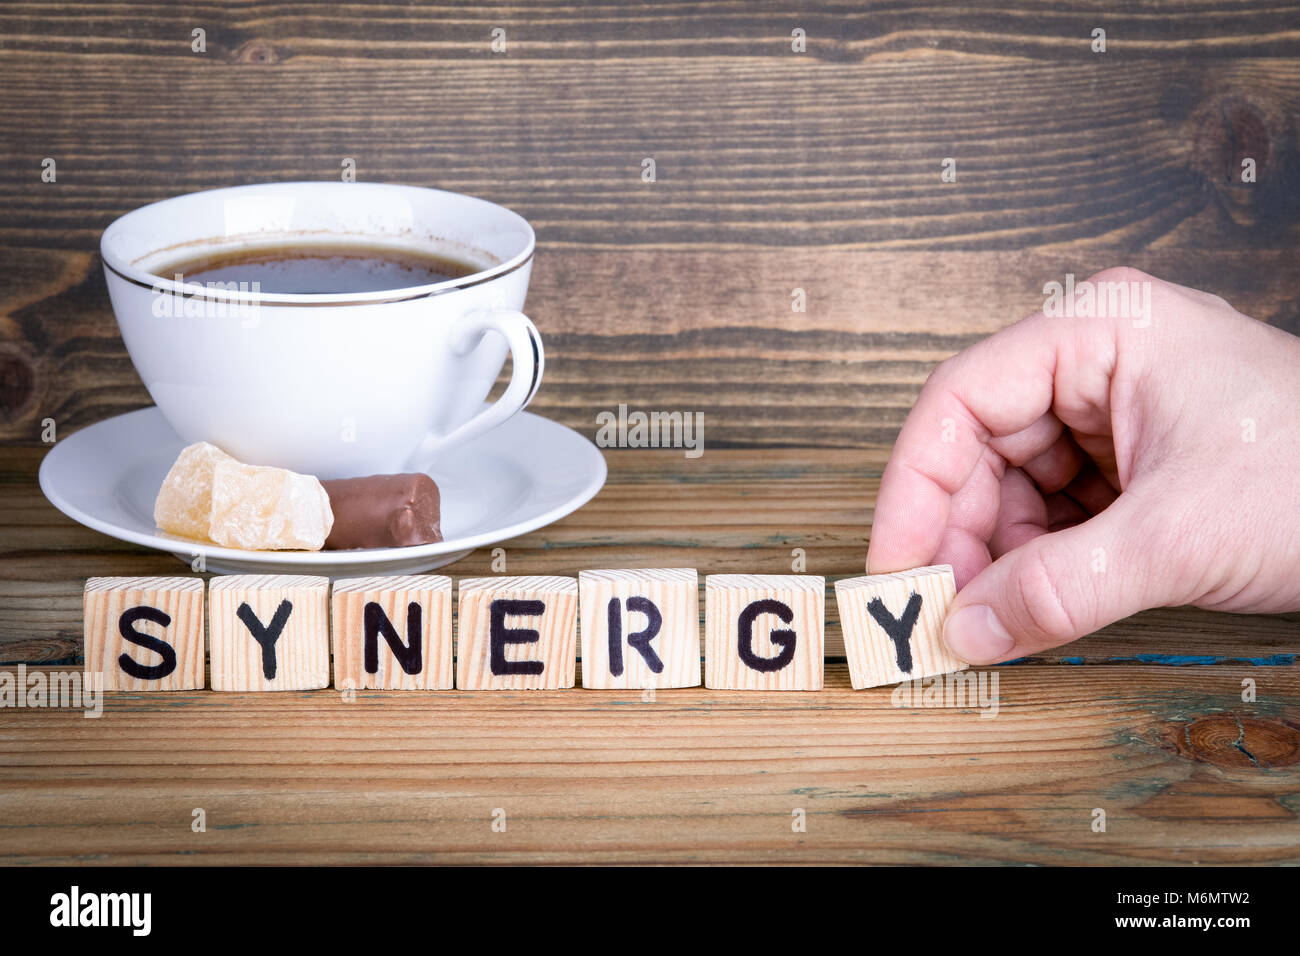 La sinergia. Letras de madera sobre el escritorio de la oficina, informativa y antecedentes de comunicación Imagen De Stock